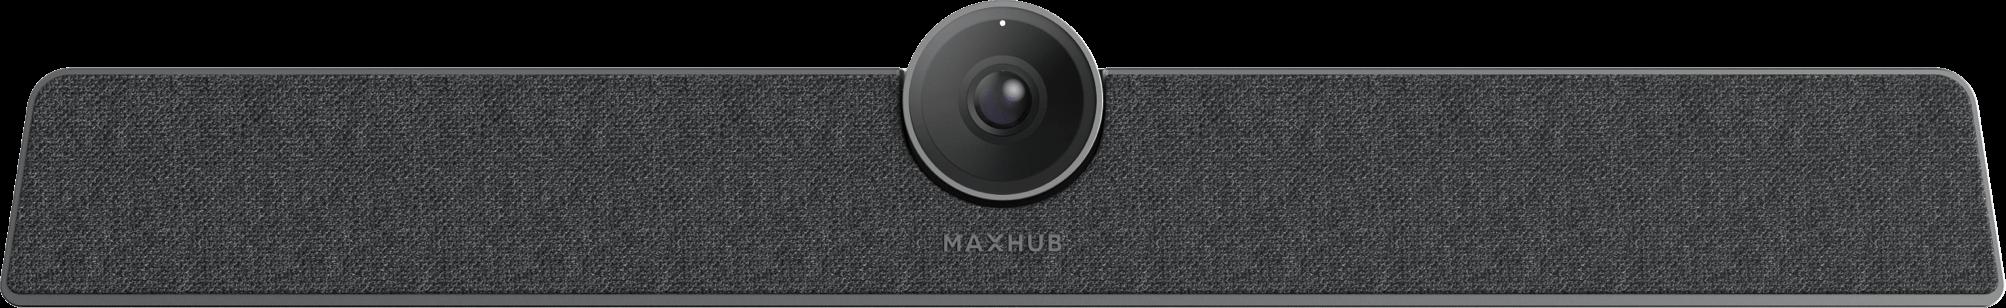 MAXHUB UC S10 5